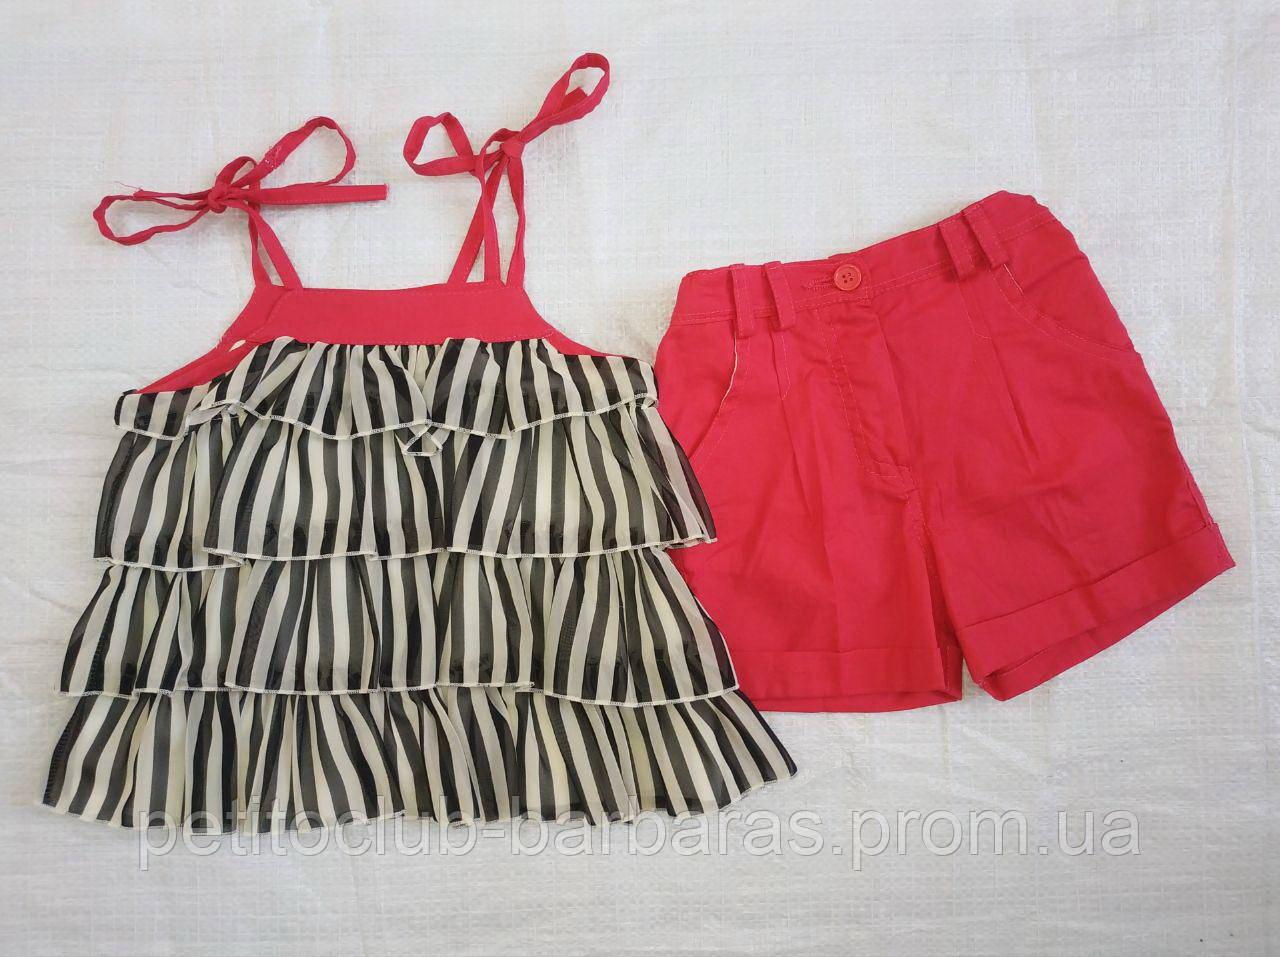 Детский летний комплект для девочки Shoes: блуза в рюшечки на бретелях + шорты  (Petito Club, Турция)